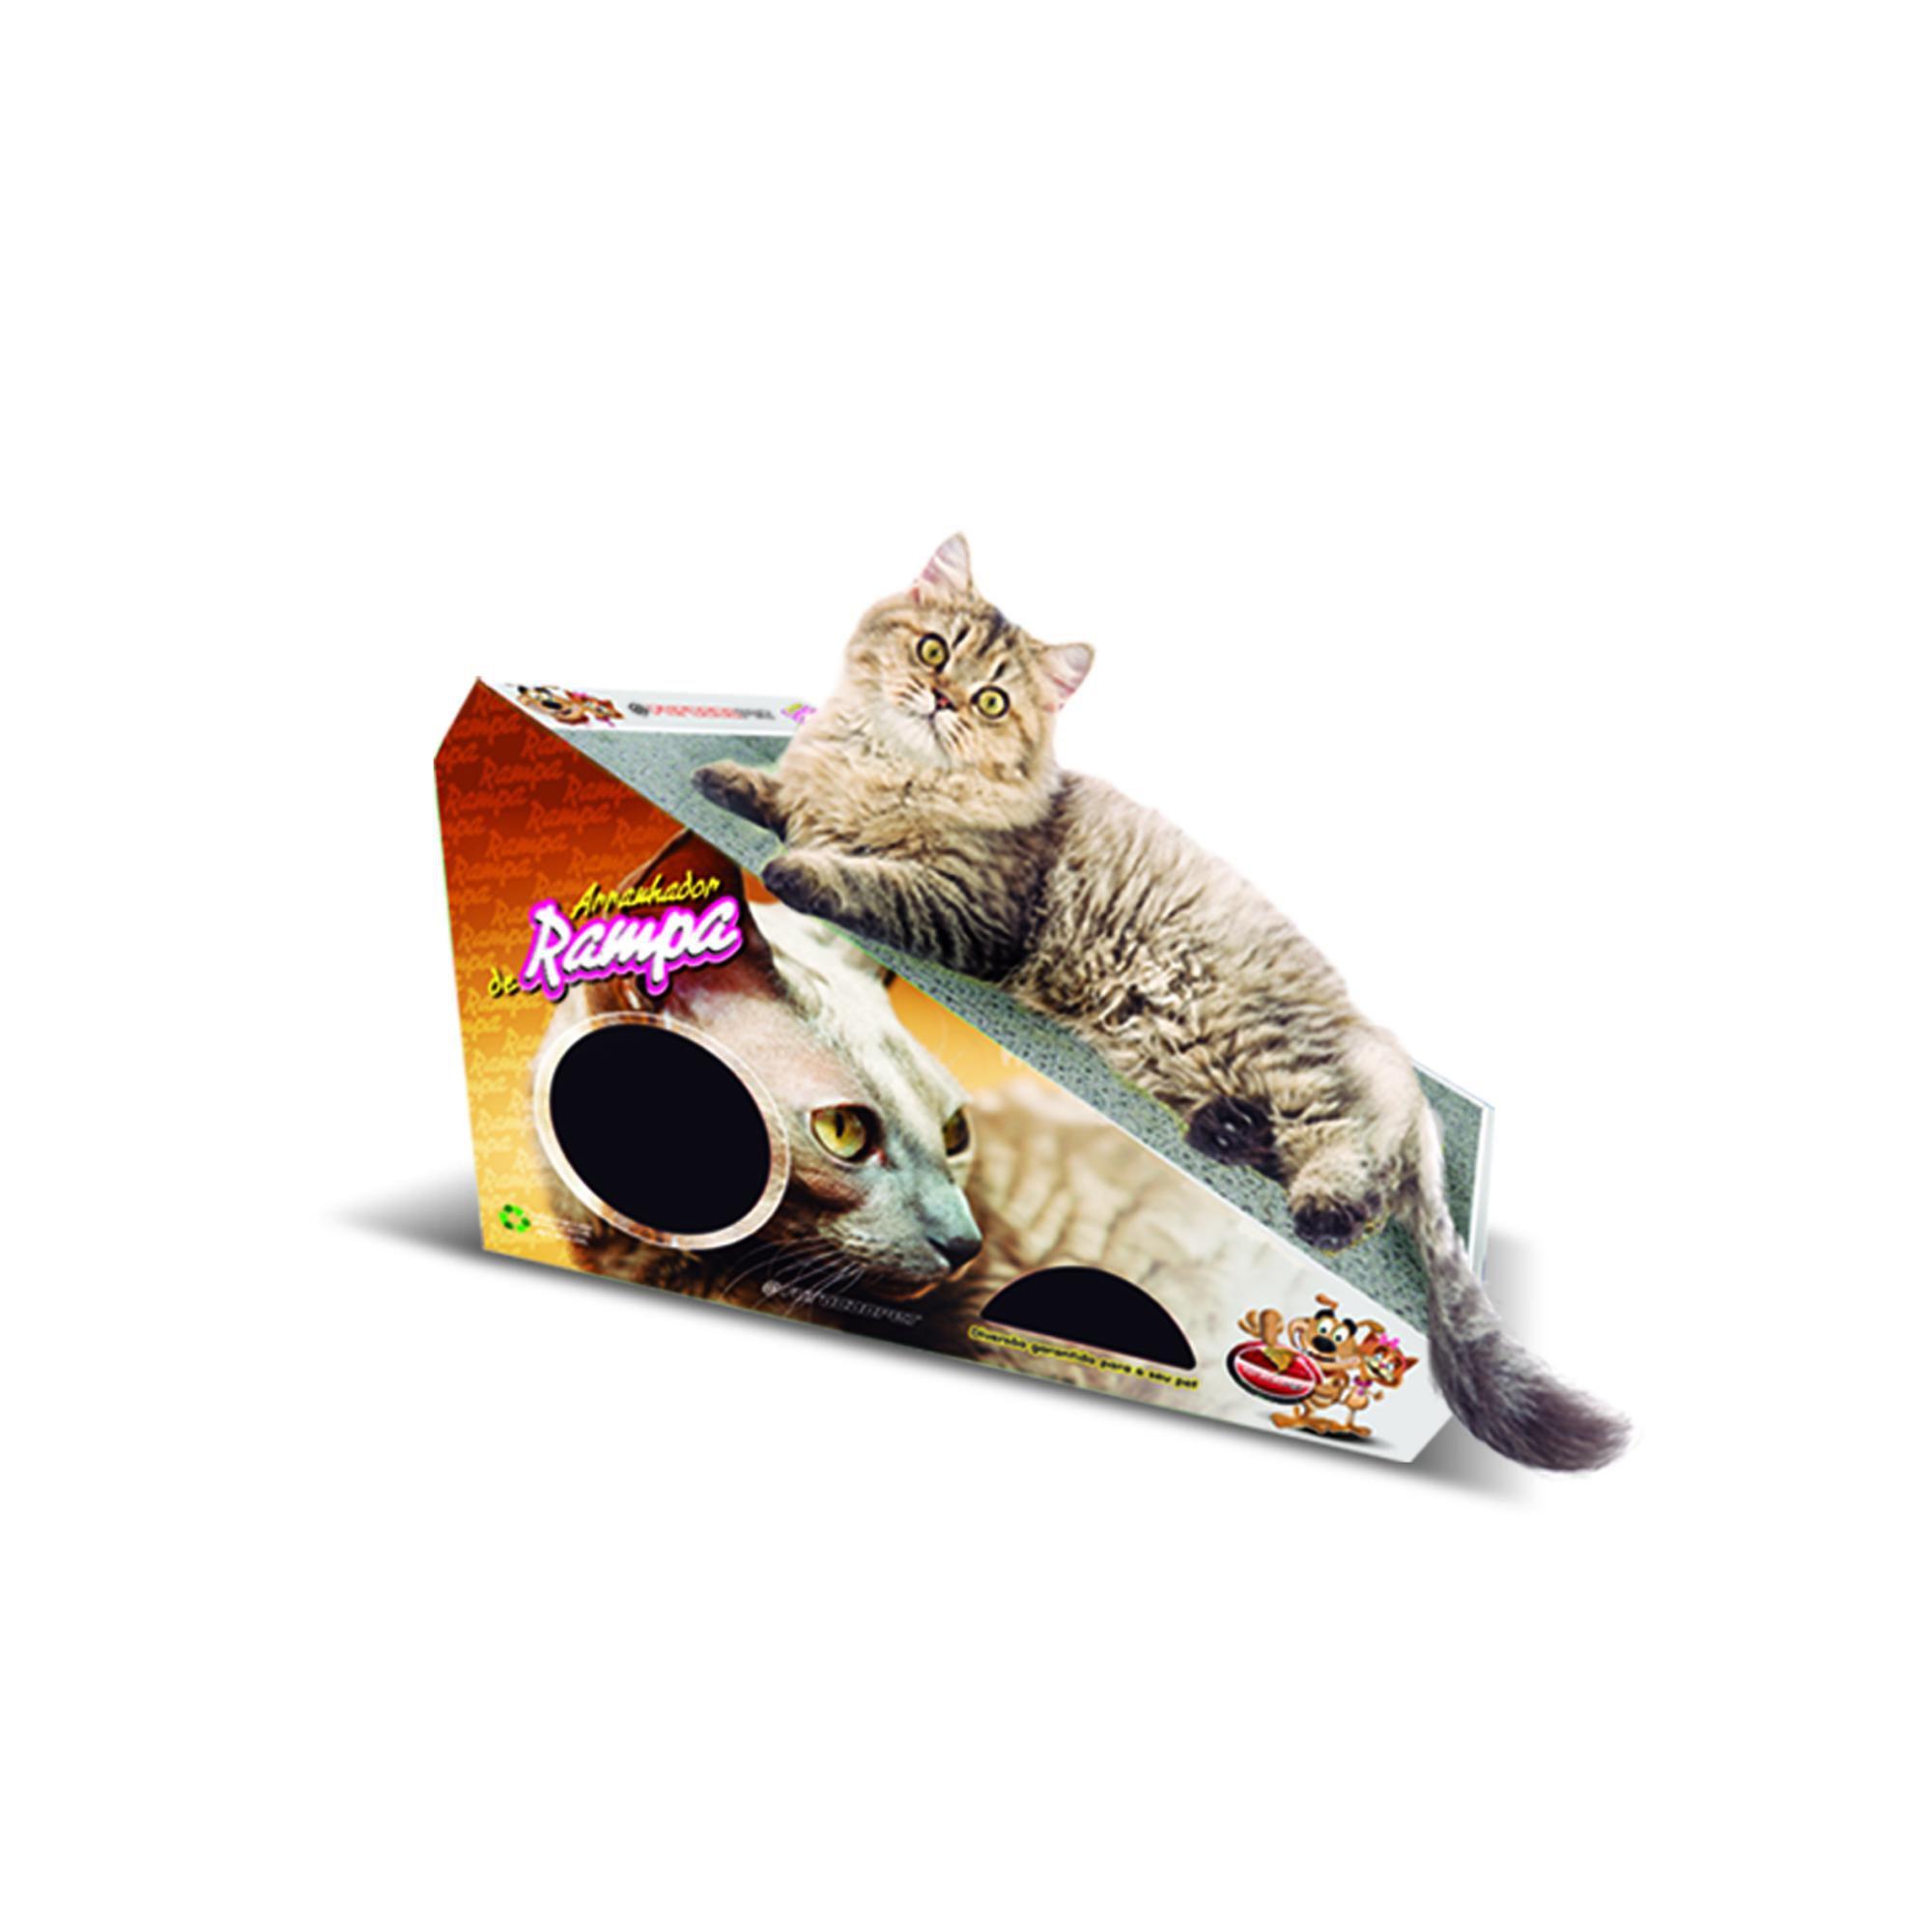 Kit 2 Arranhador p/ Gatos Rampa com 2 Bolinhas Furacão Pet